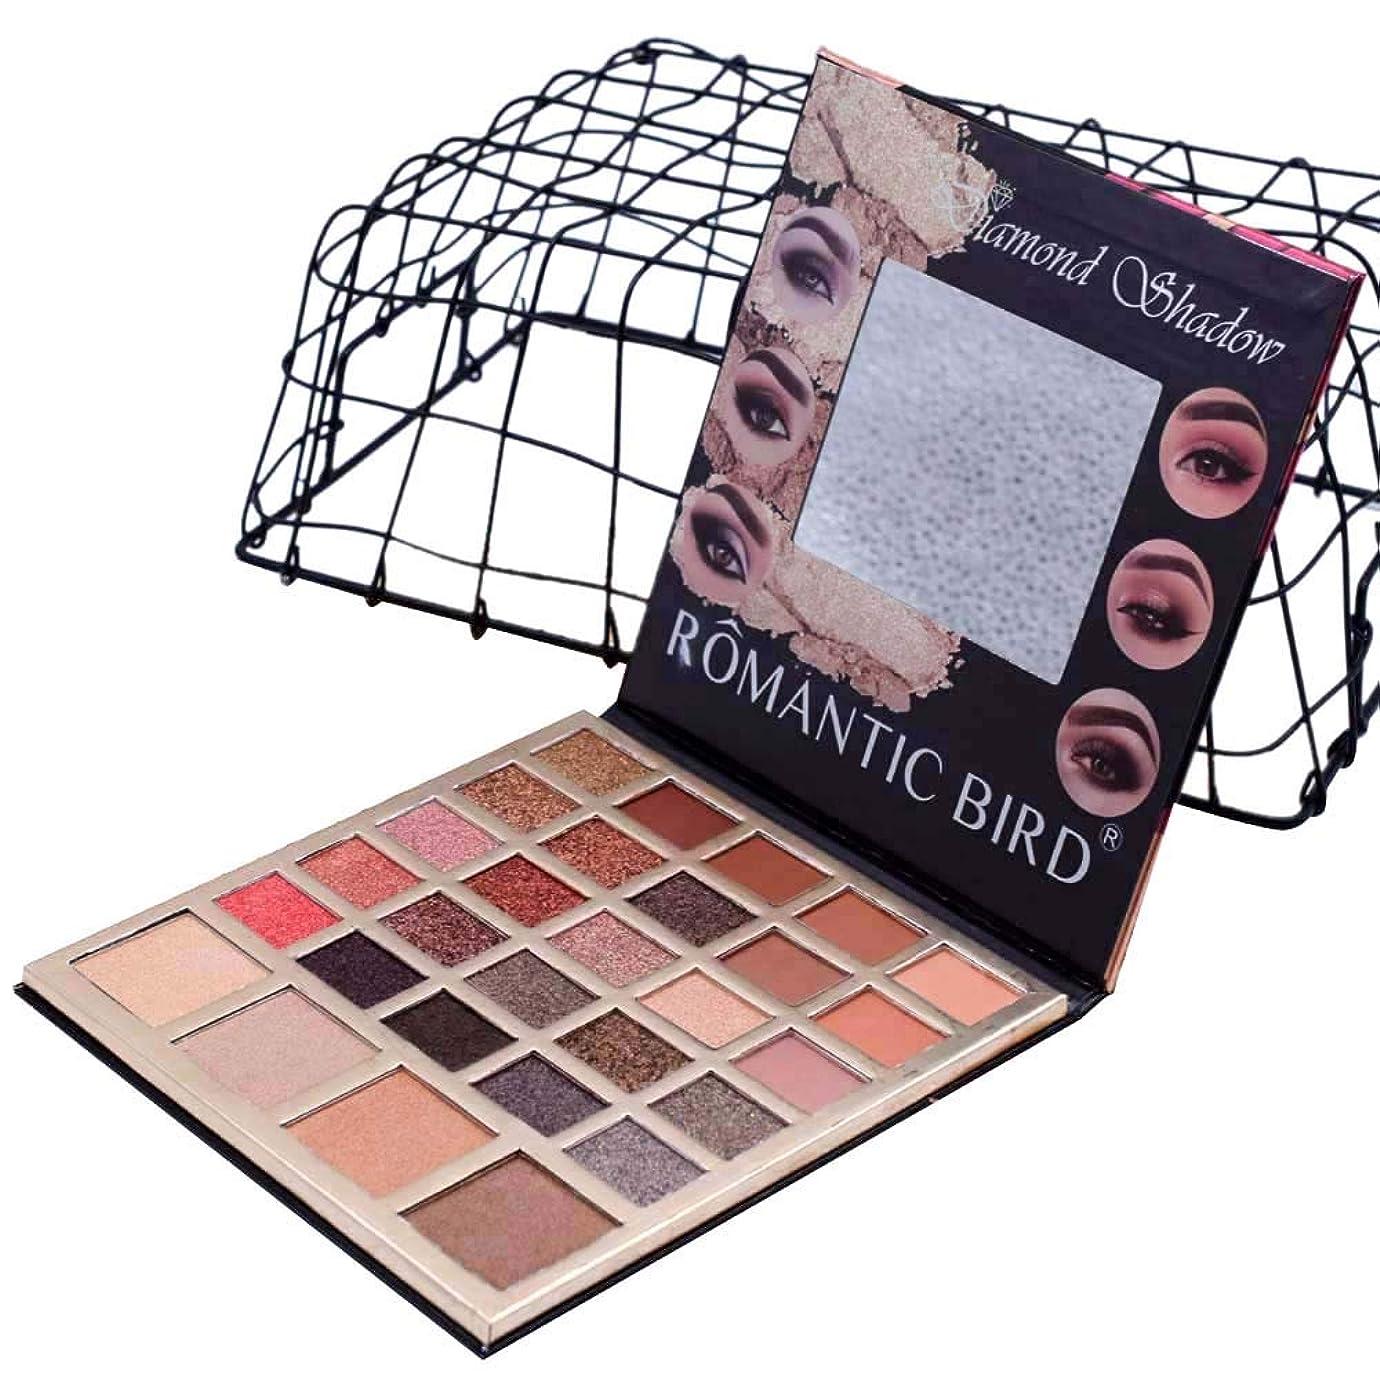 歌手闘争口Akane アイシャドウパレット ファッション ROMATIC BIRD 人気 魅力的 綺麗 キラキラ 防水 長持ち マット おしゃれ チャーム 落としにくい 持ち便利 Eye Shadow (29色) 8007